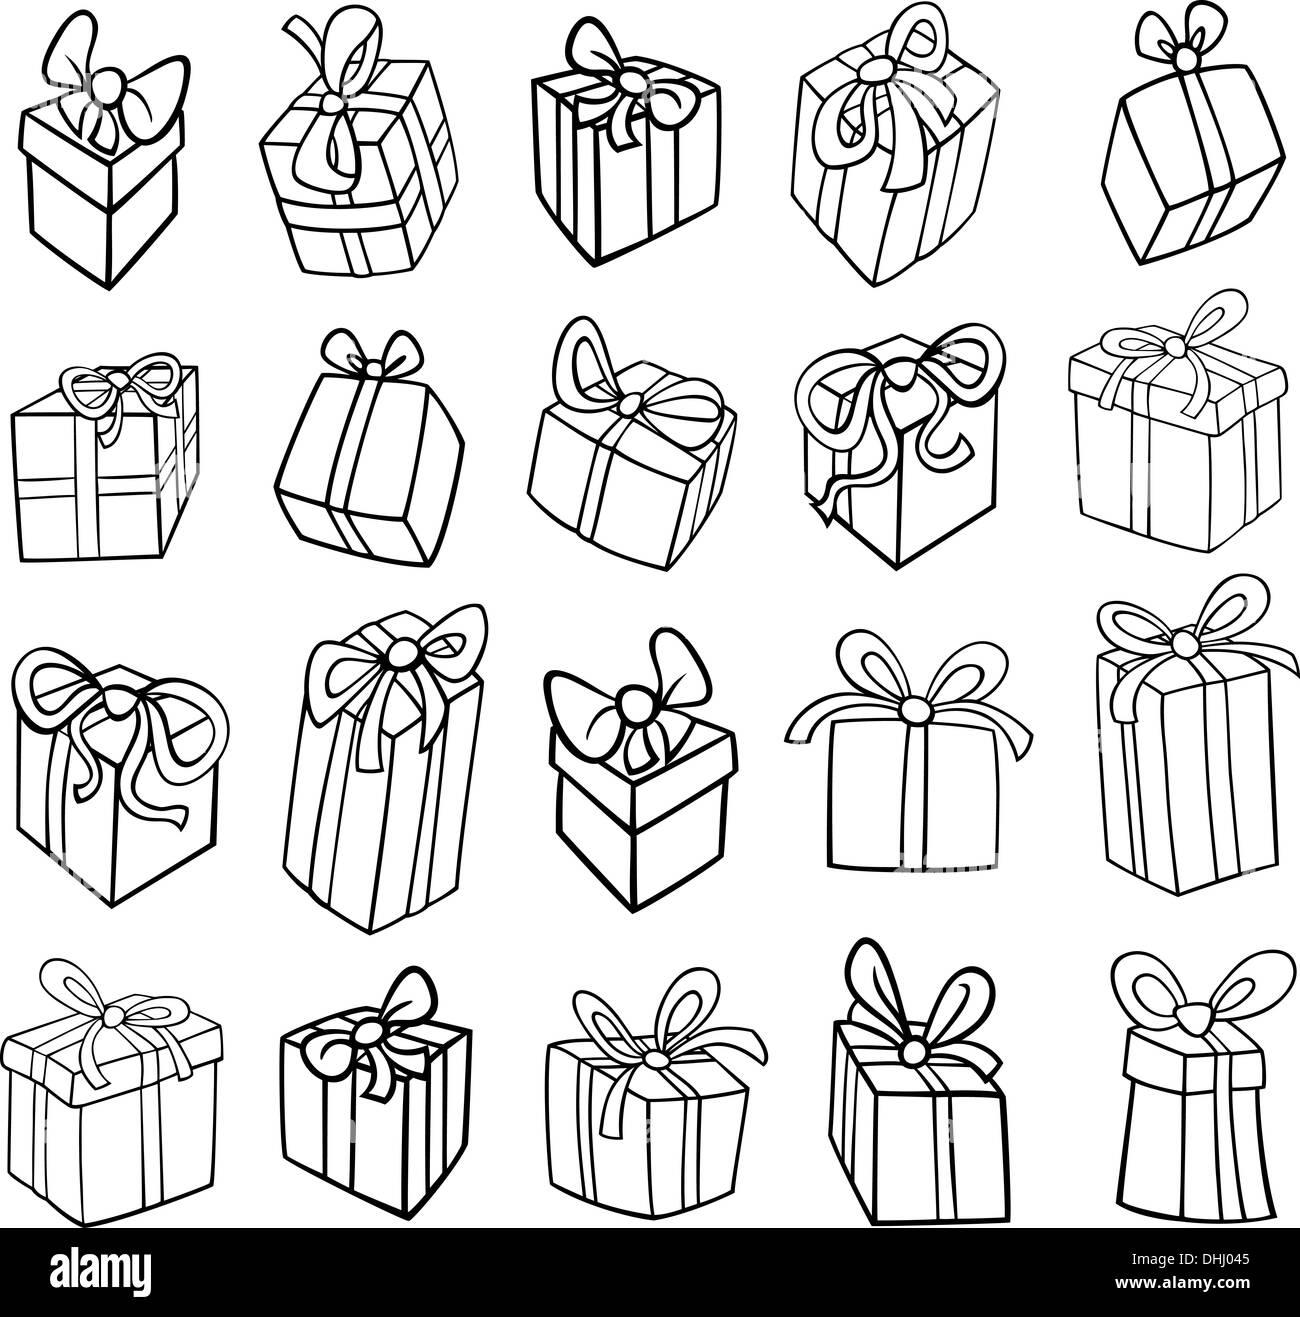 Schwarz Wei Cartoon Illustration Von Weihnachten Oder